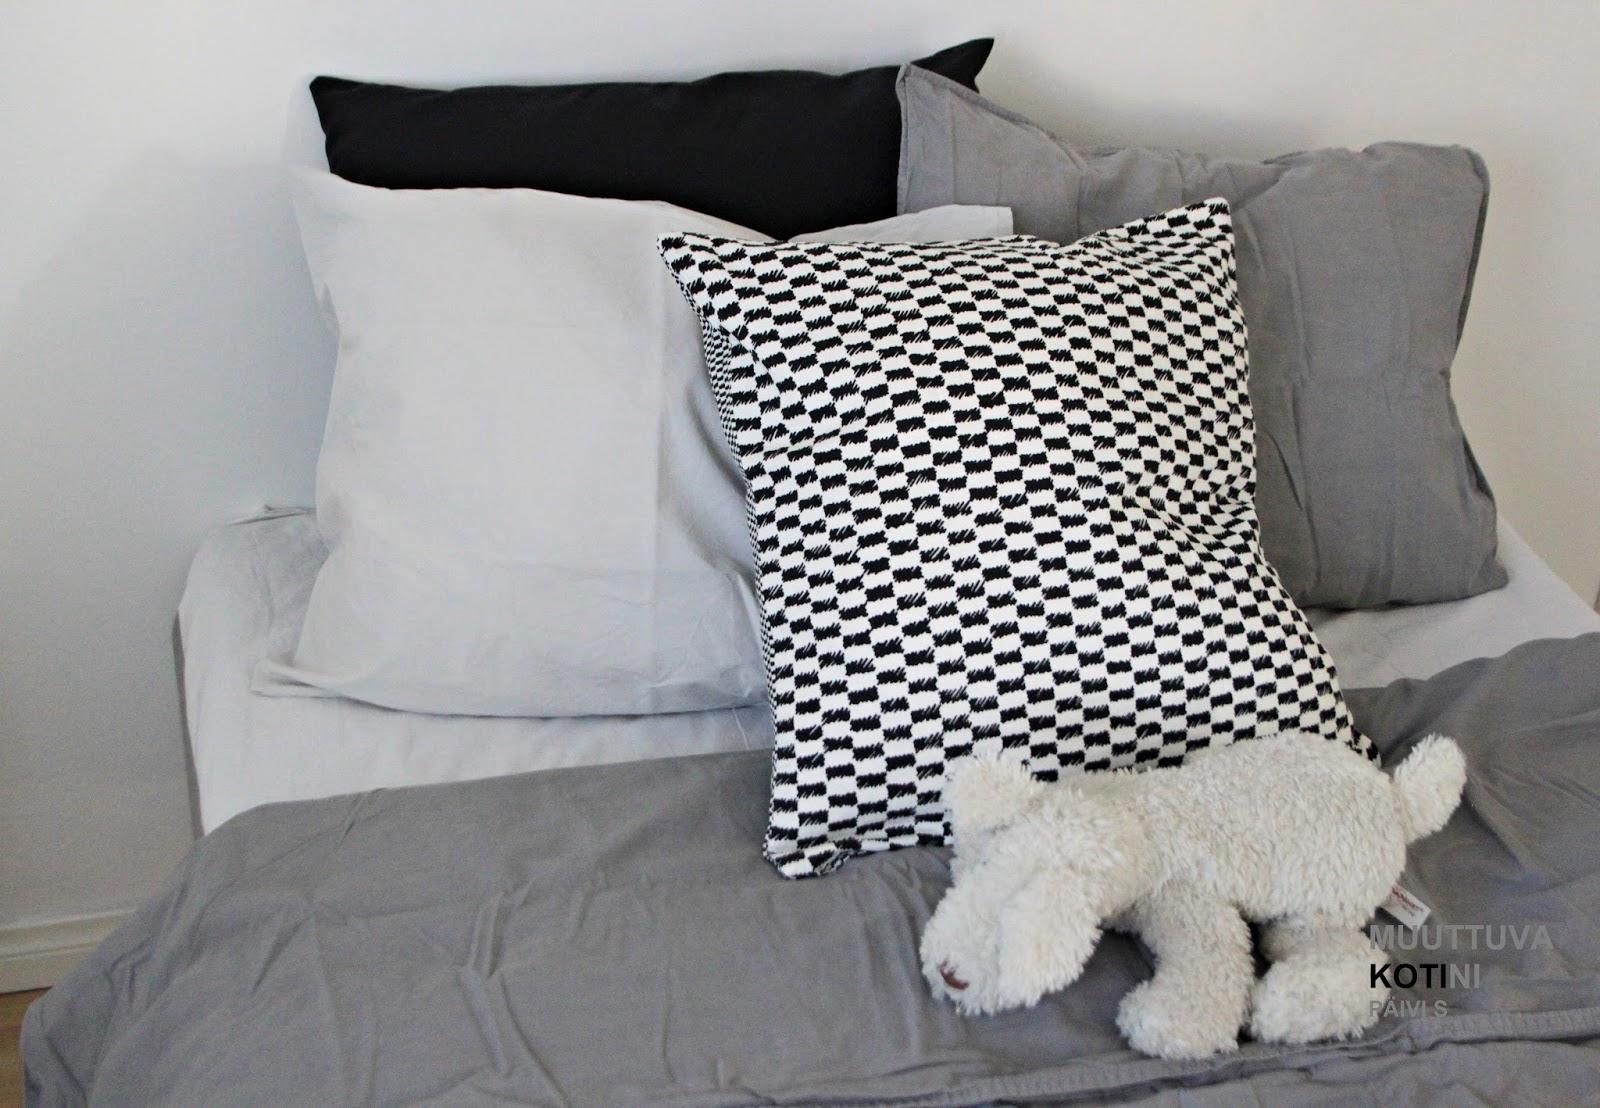 Hyvä Sänky Ikeasta